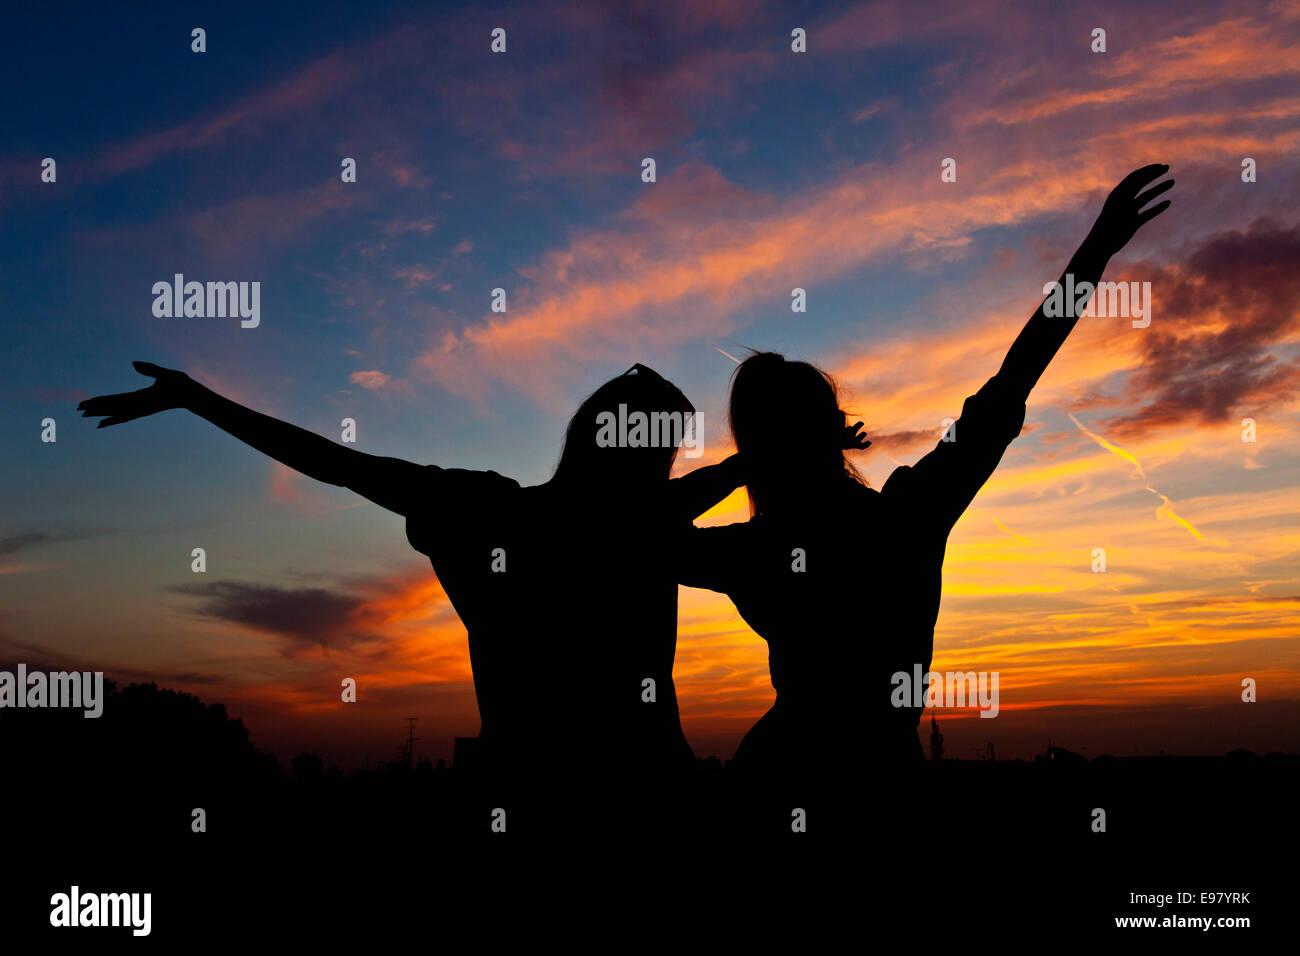 Las mujeres jóvenes con los brazos levantados bailando al atardecer Imagen De Stock